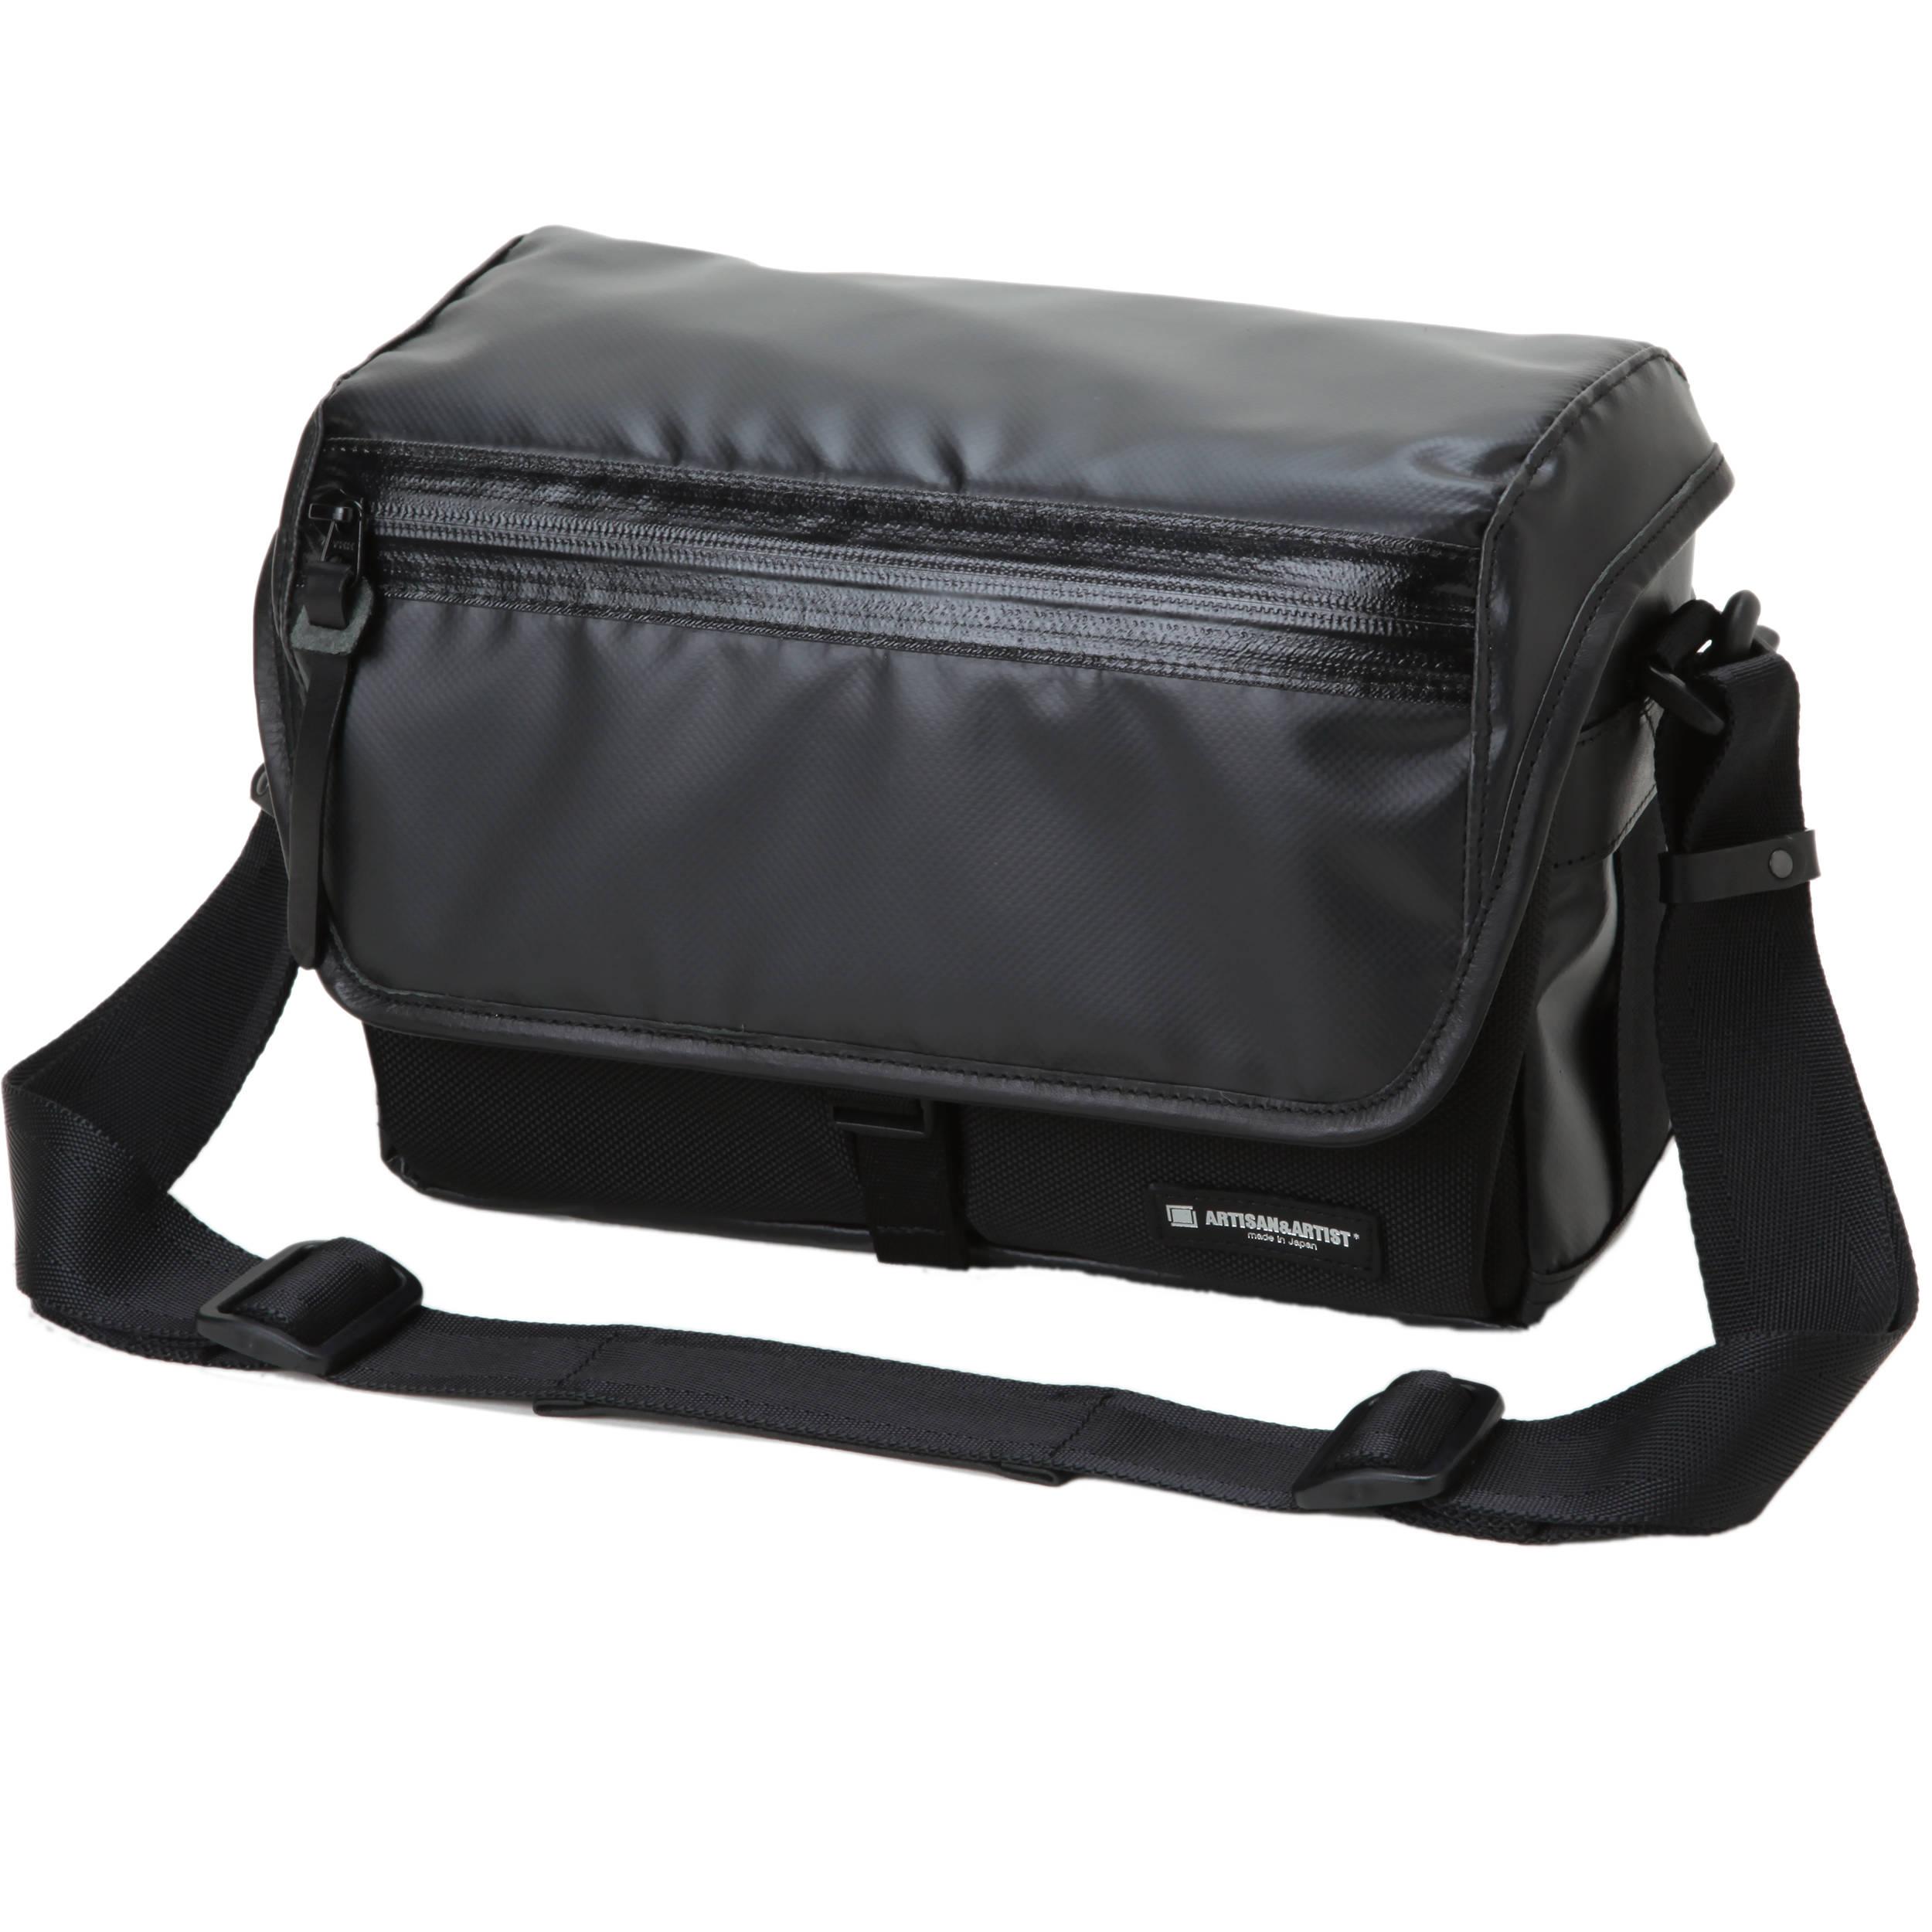 Artist Wcam 7500n Waterproof Shoulder Bag Small